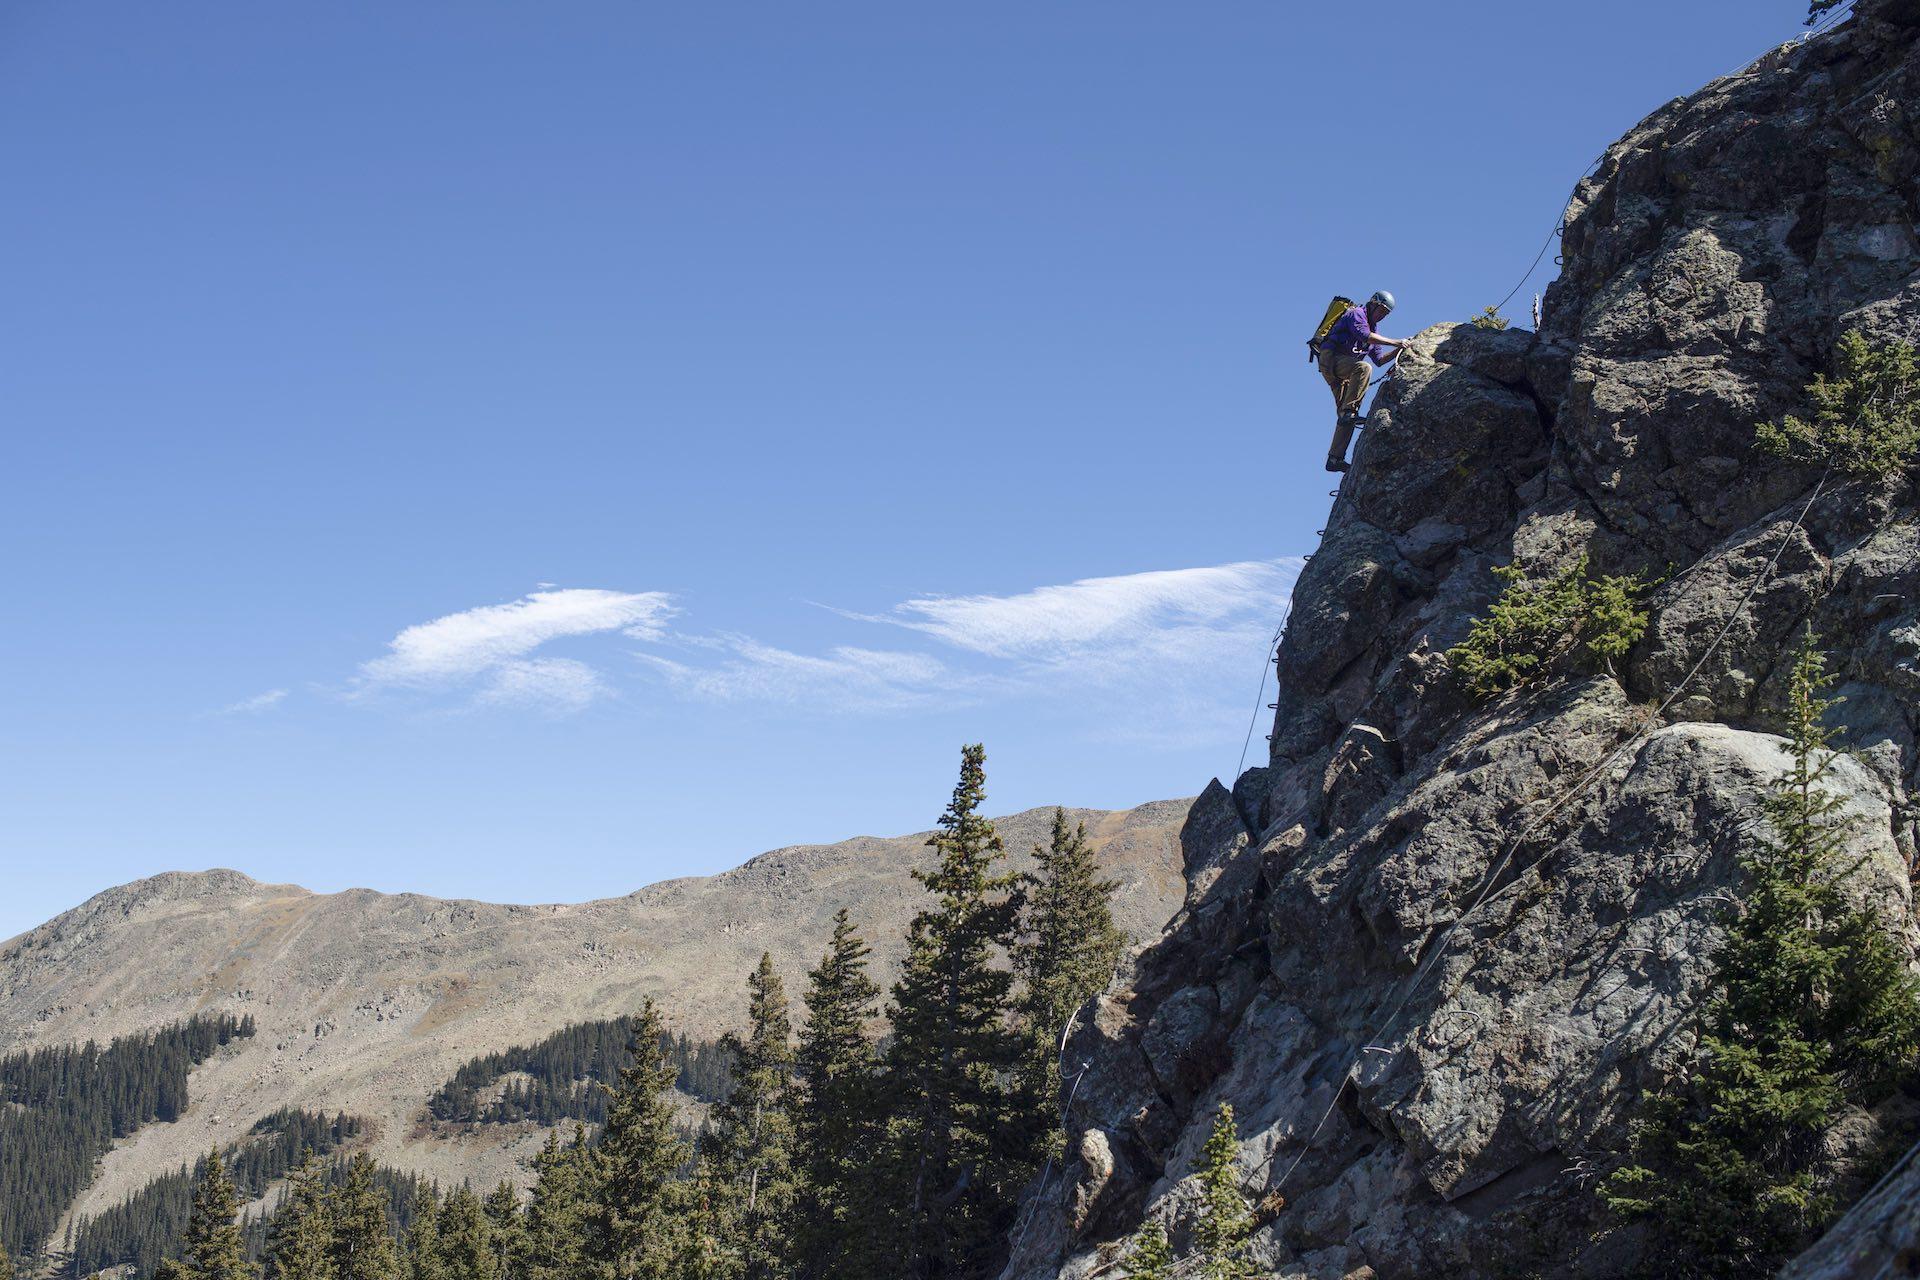 Taos Ski Valley Via Ferrata climb